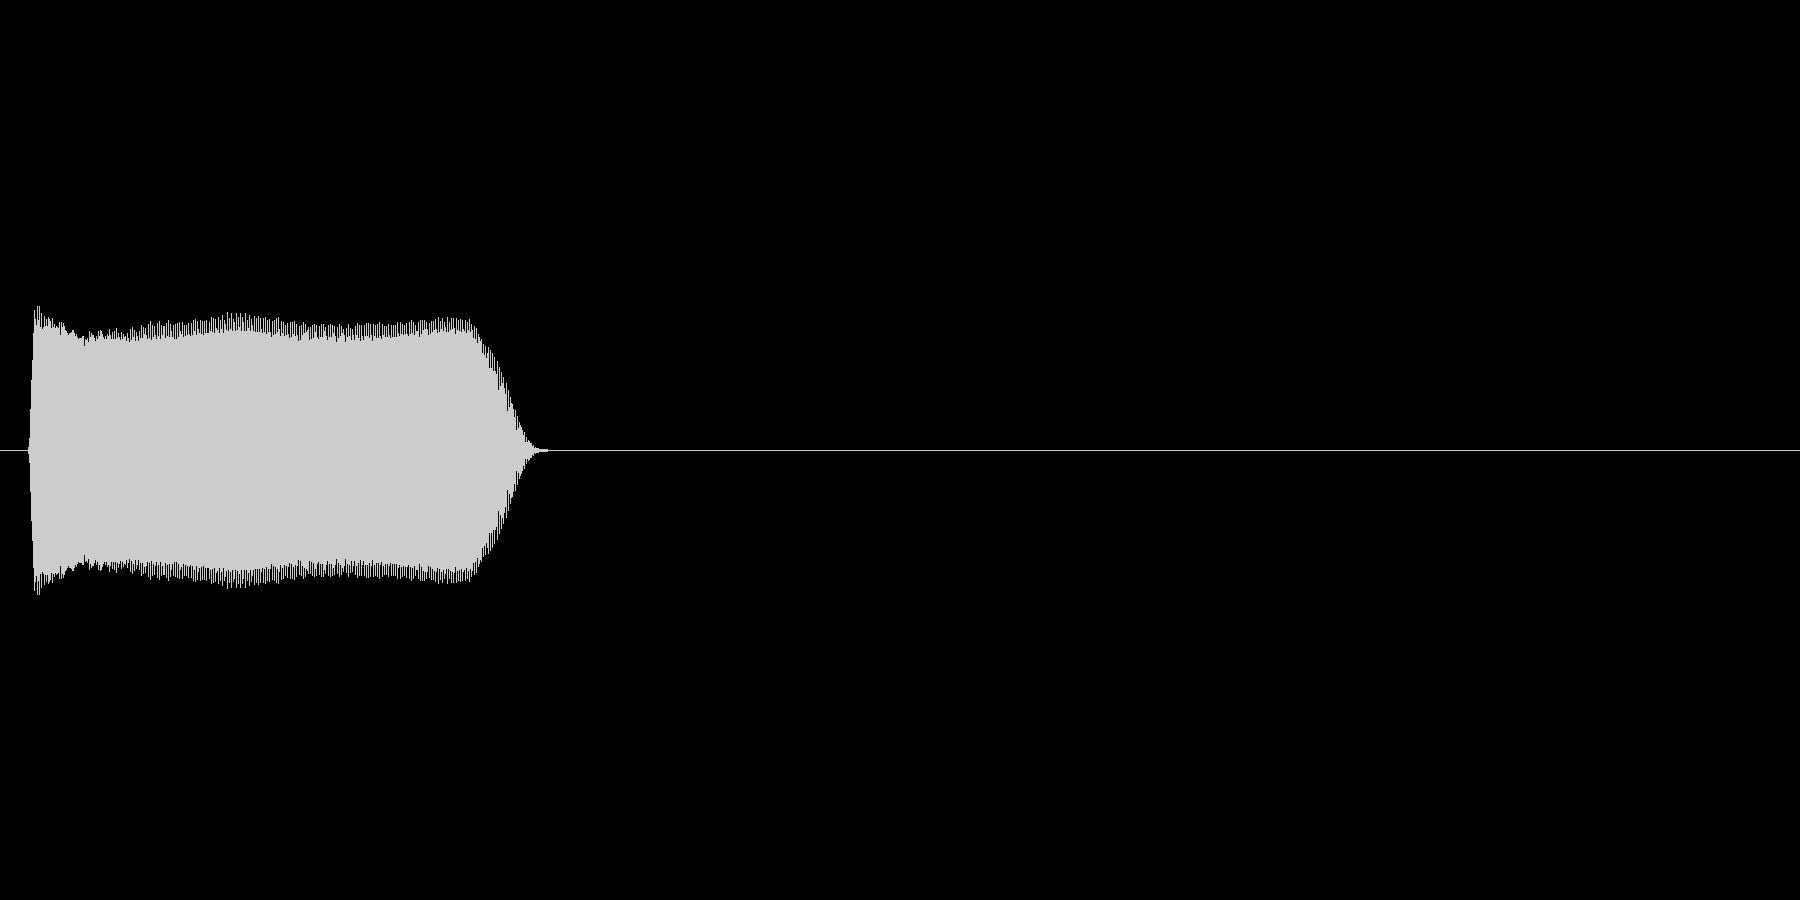 プーッ(クラクション、車)の未再生の波形